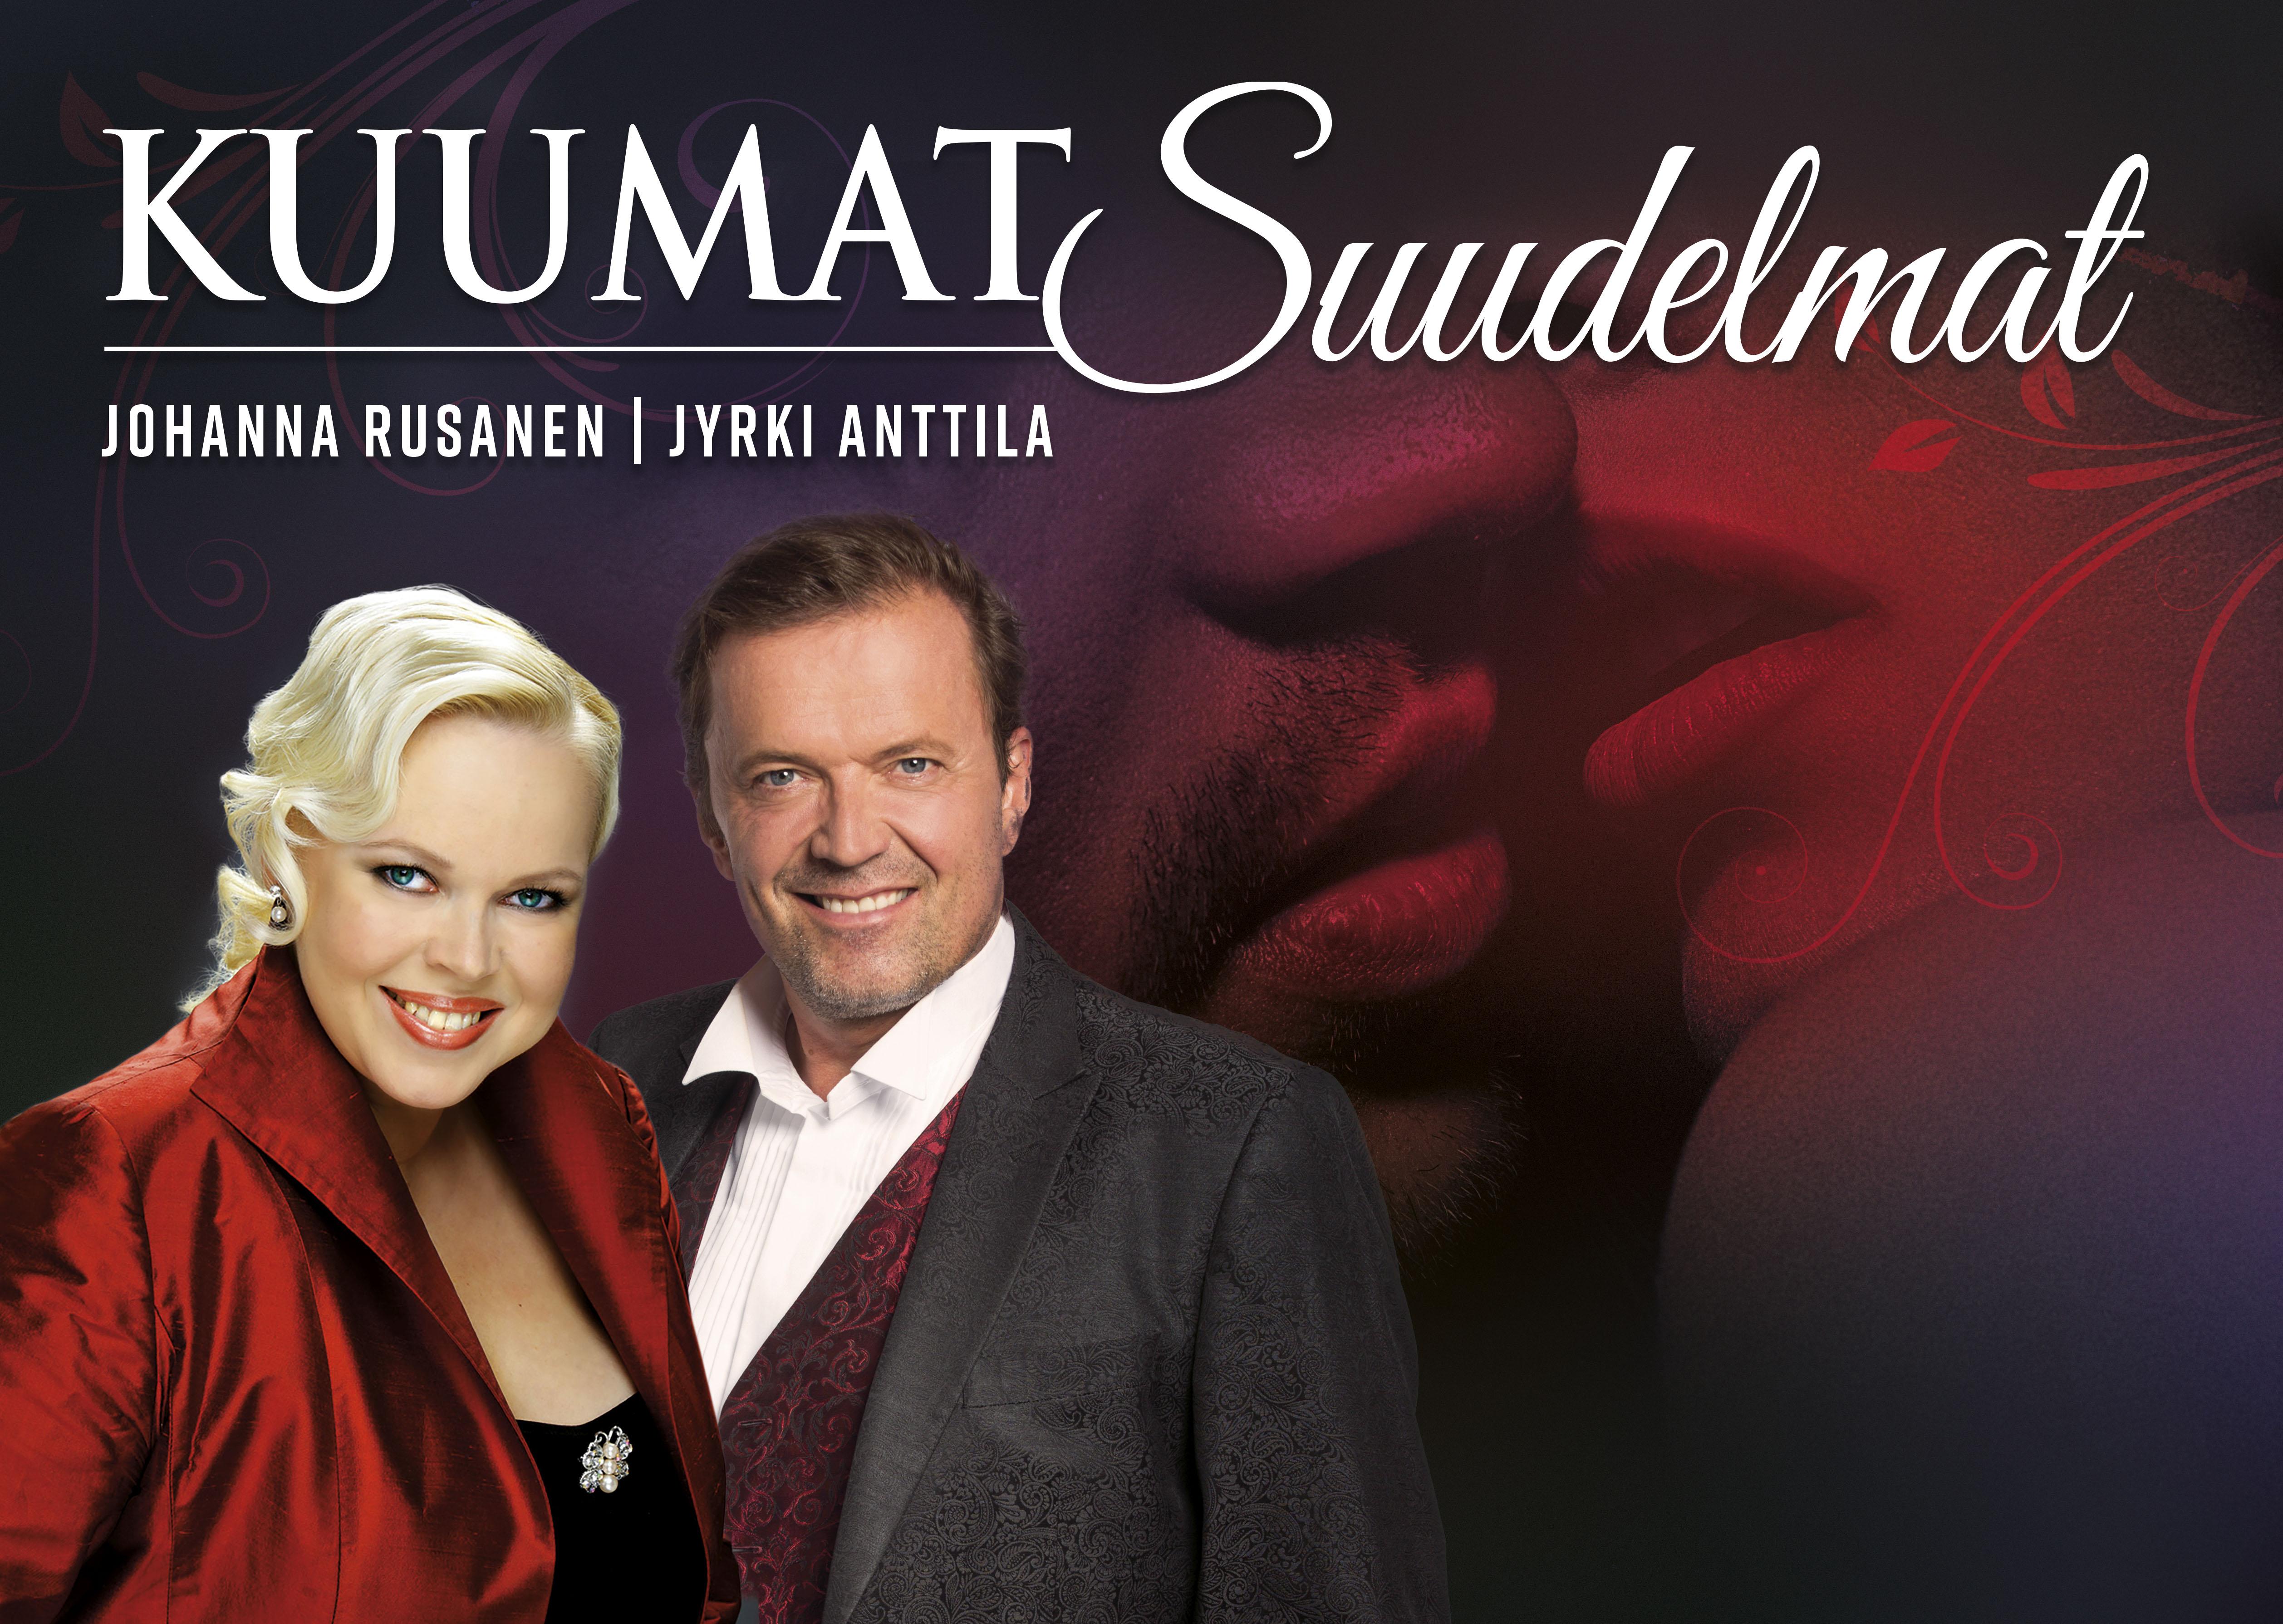 Kuumat suudelmat - Jyrki Anttila & Johanna Rusanen